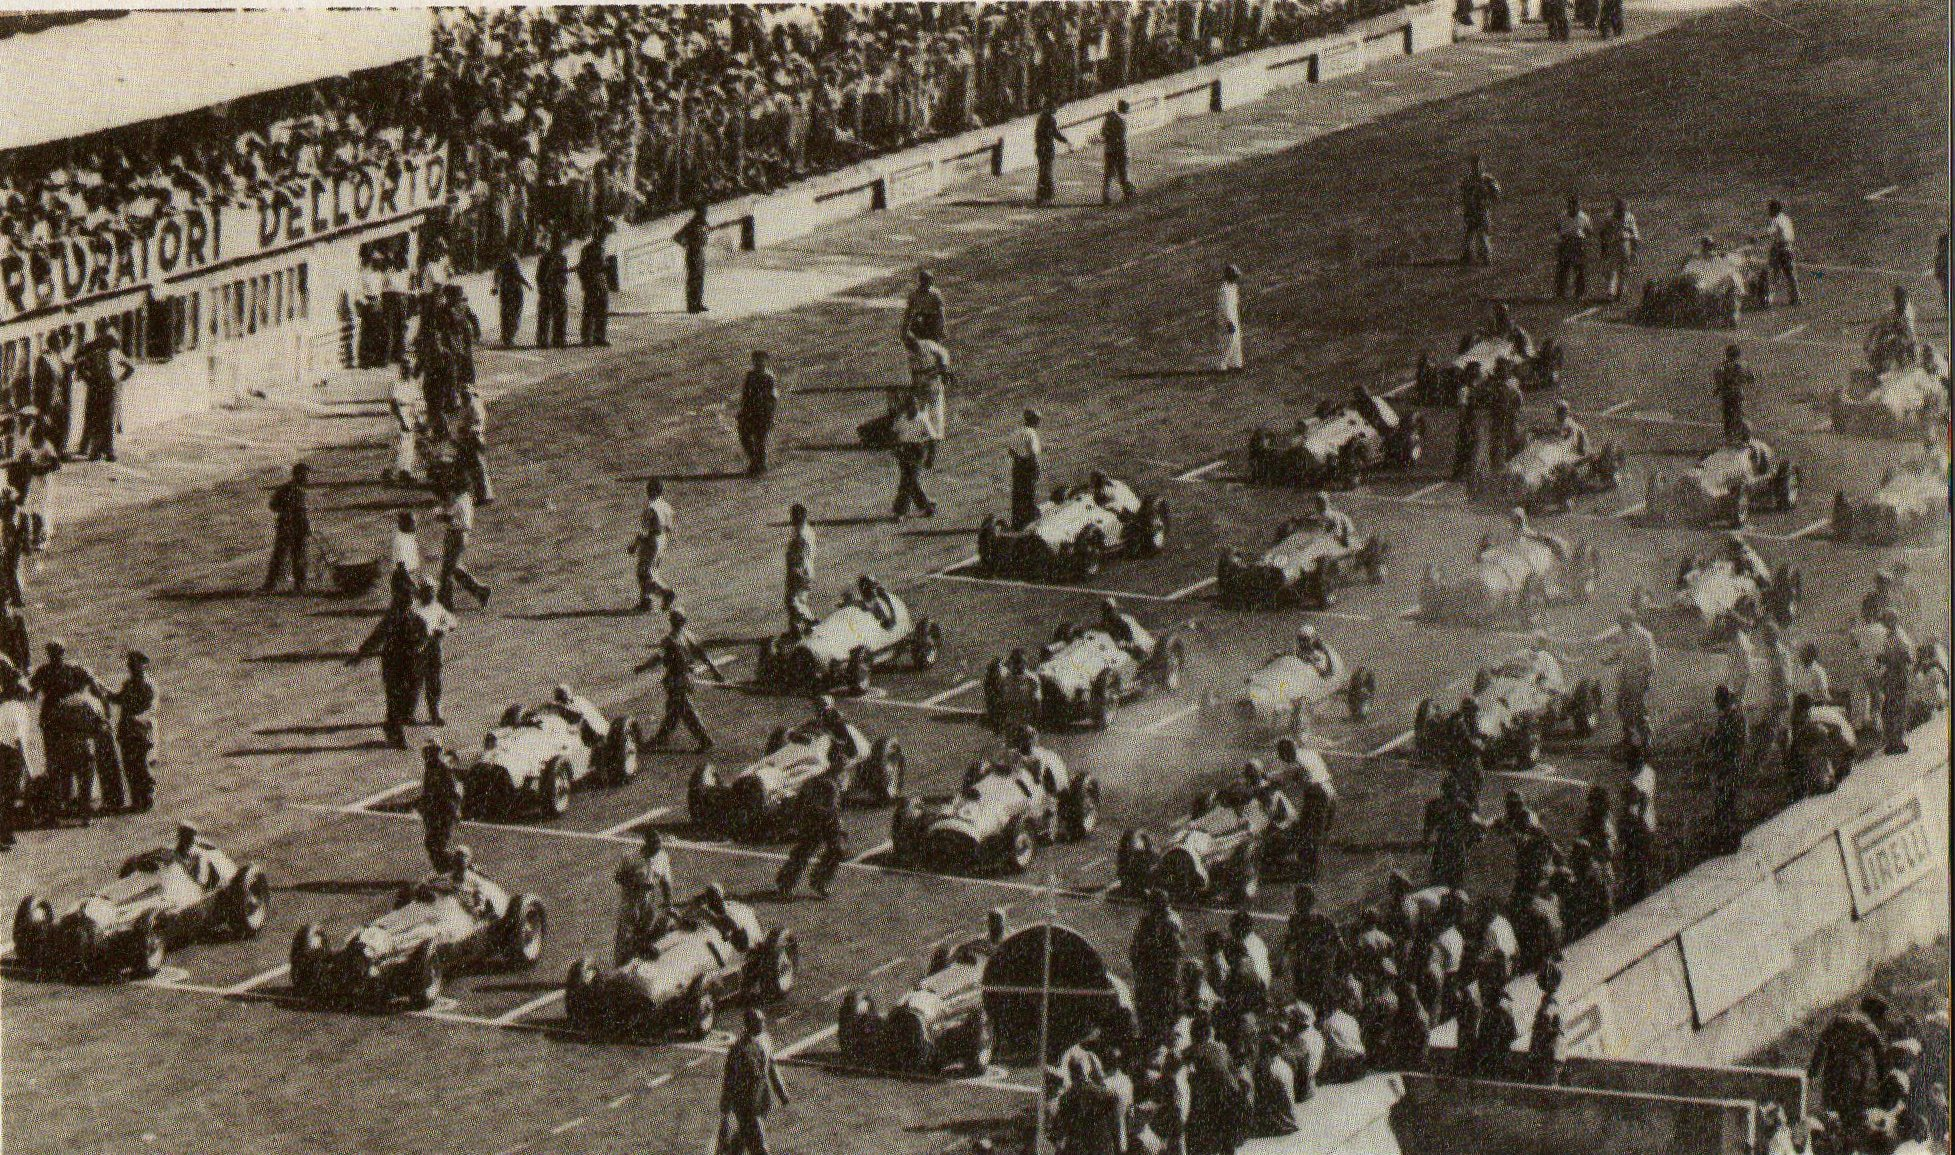 Velika Nagrada Italije 1950., prva održana u sklopu svjetskog prvenstva Formule 1. (3.9.1950.) Foto: pinterest